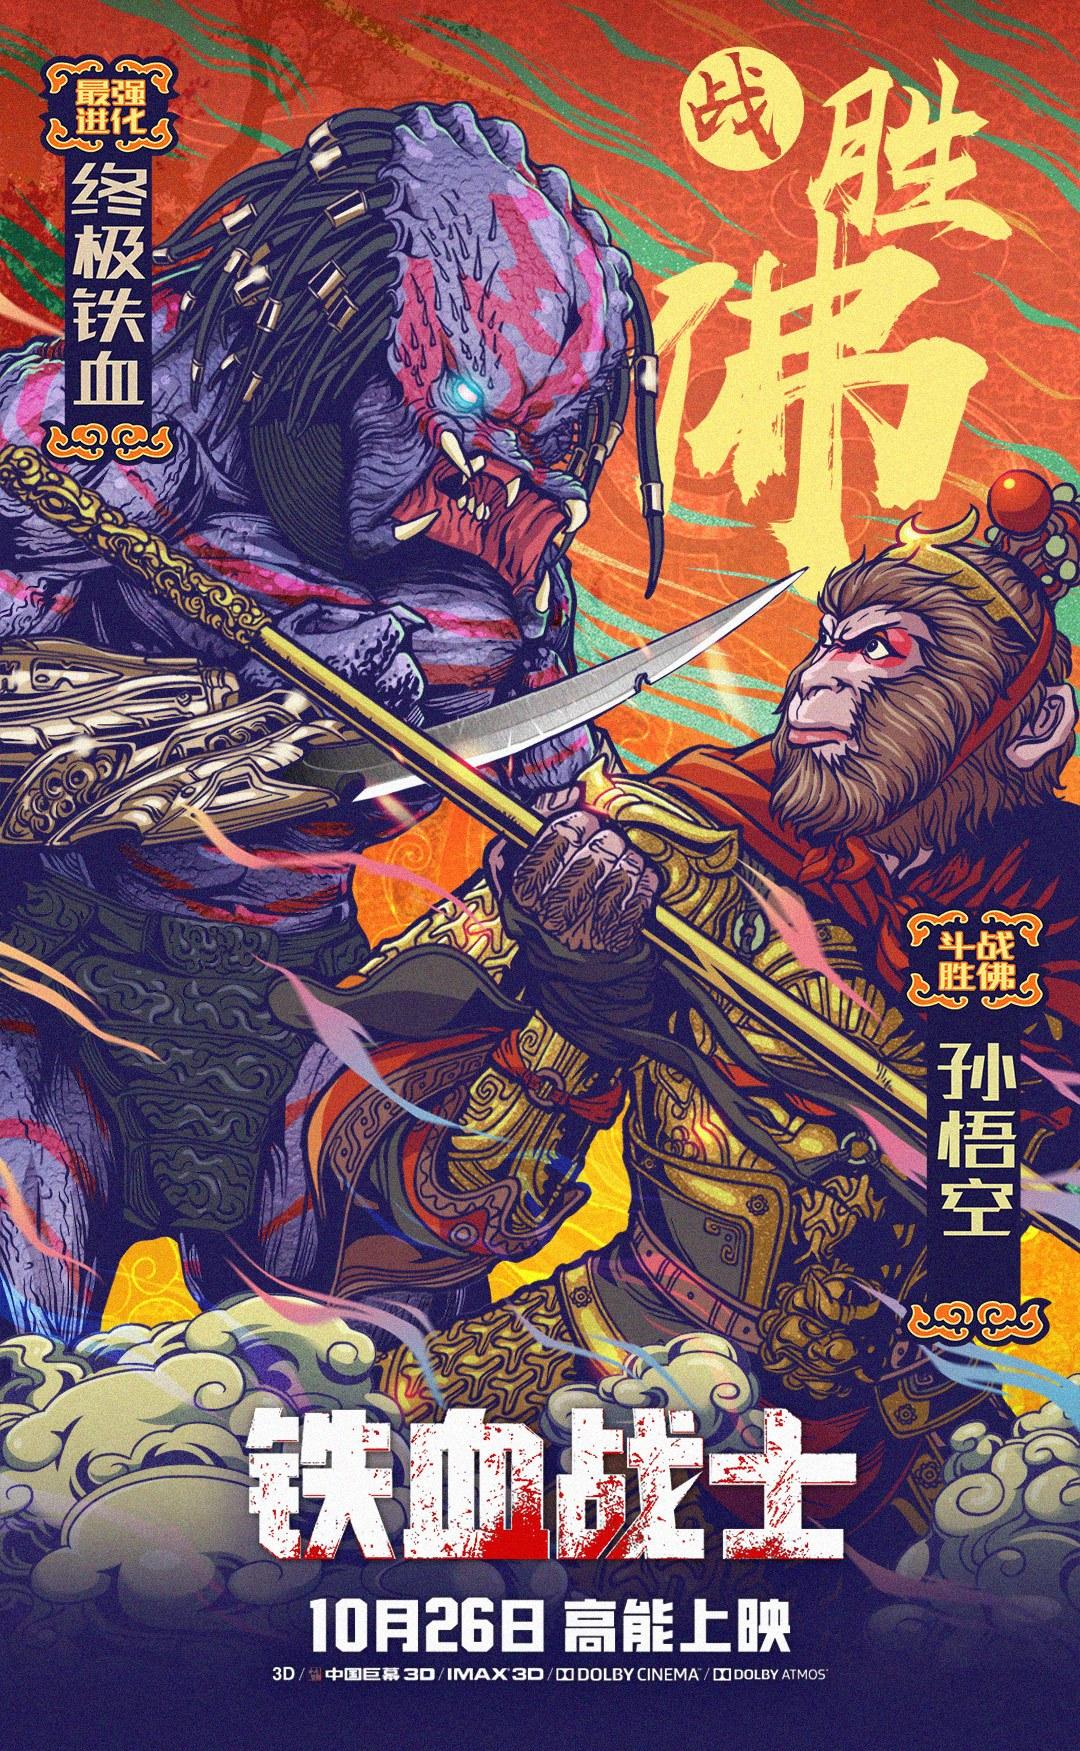 """《铁血战士》曝新海报 铁血战士来中国""""踢馆""""了!"""